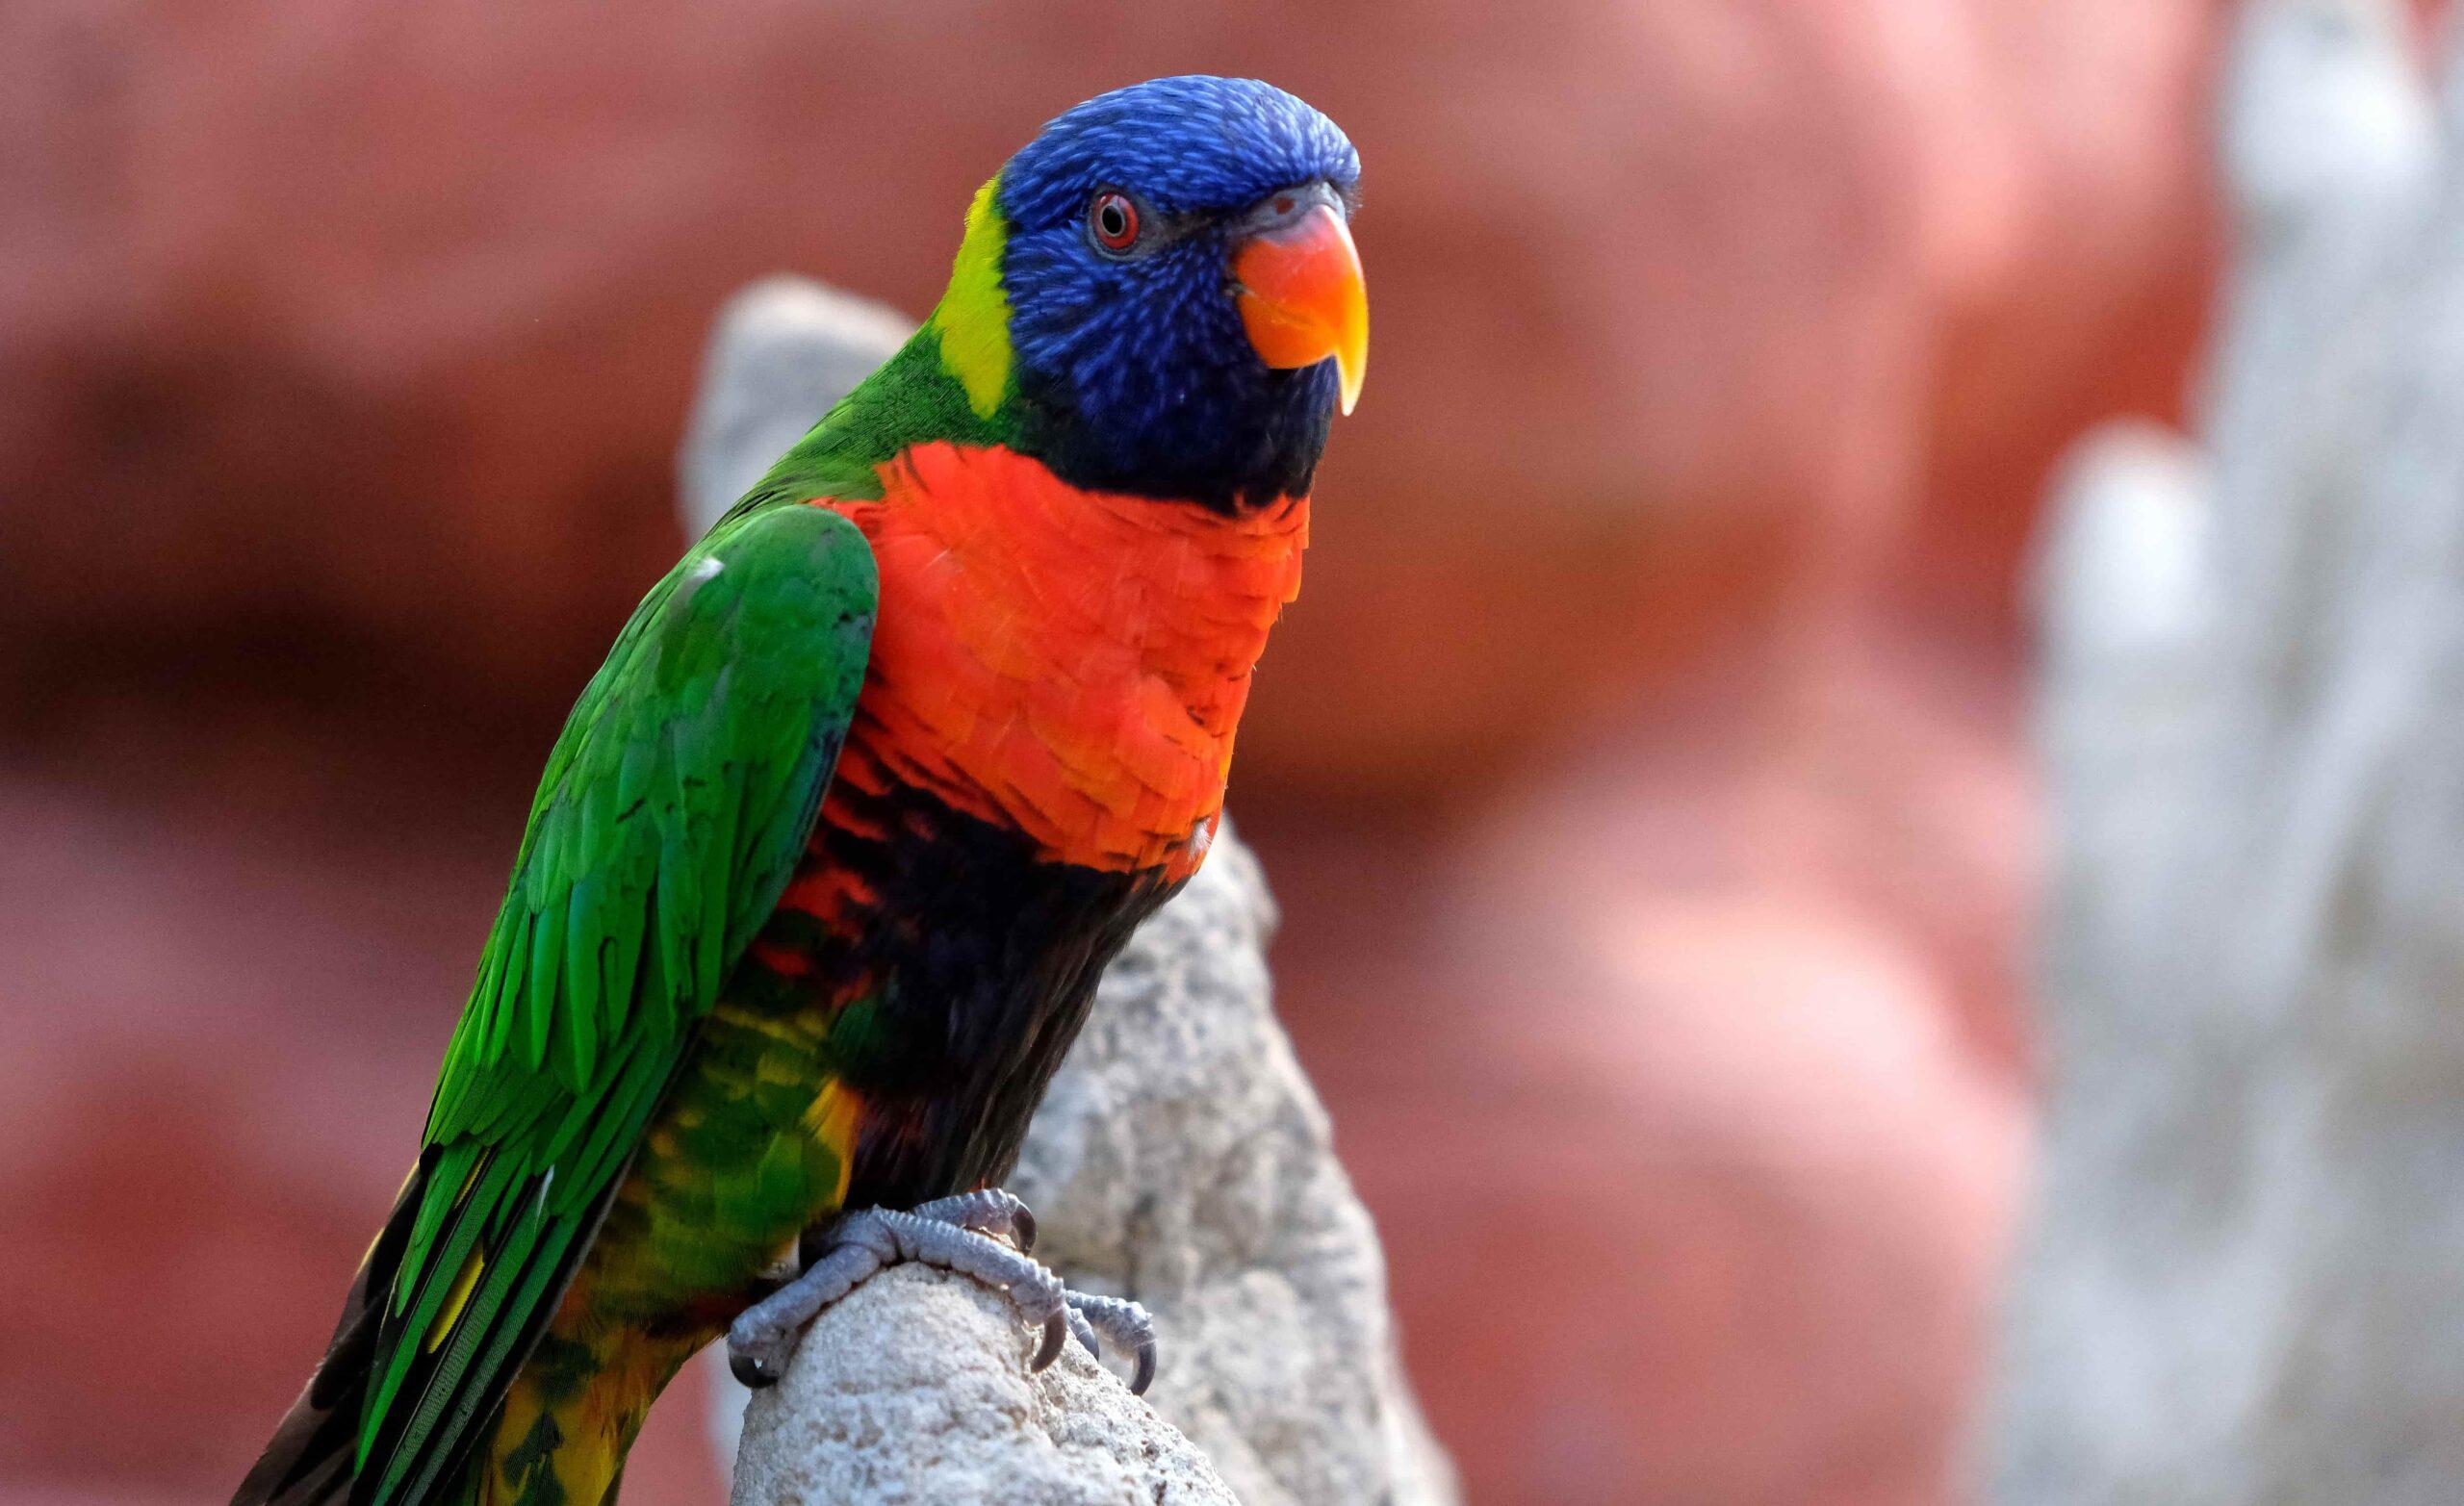 Lori Papağanı ve Türleri